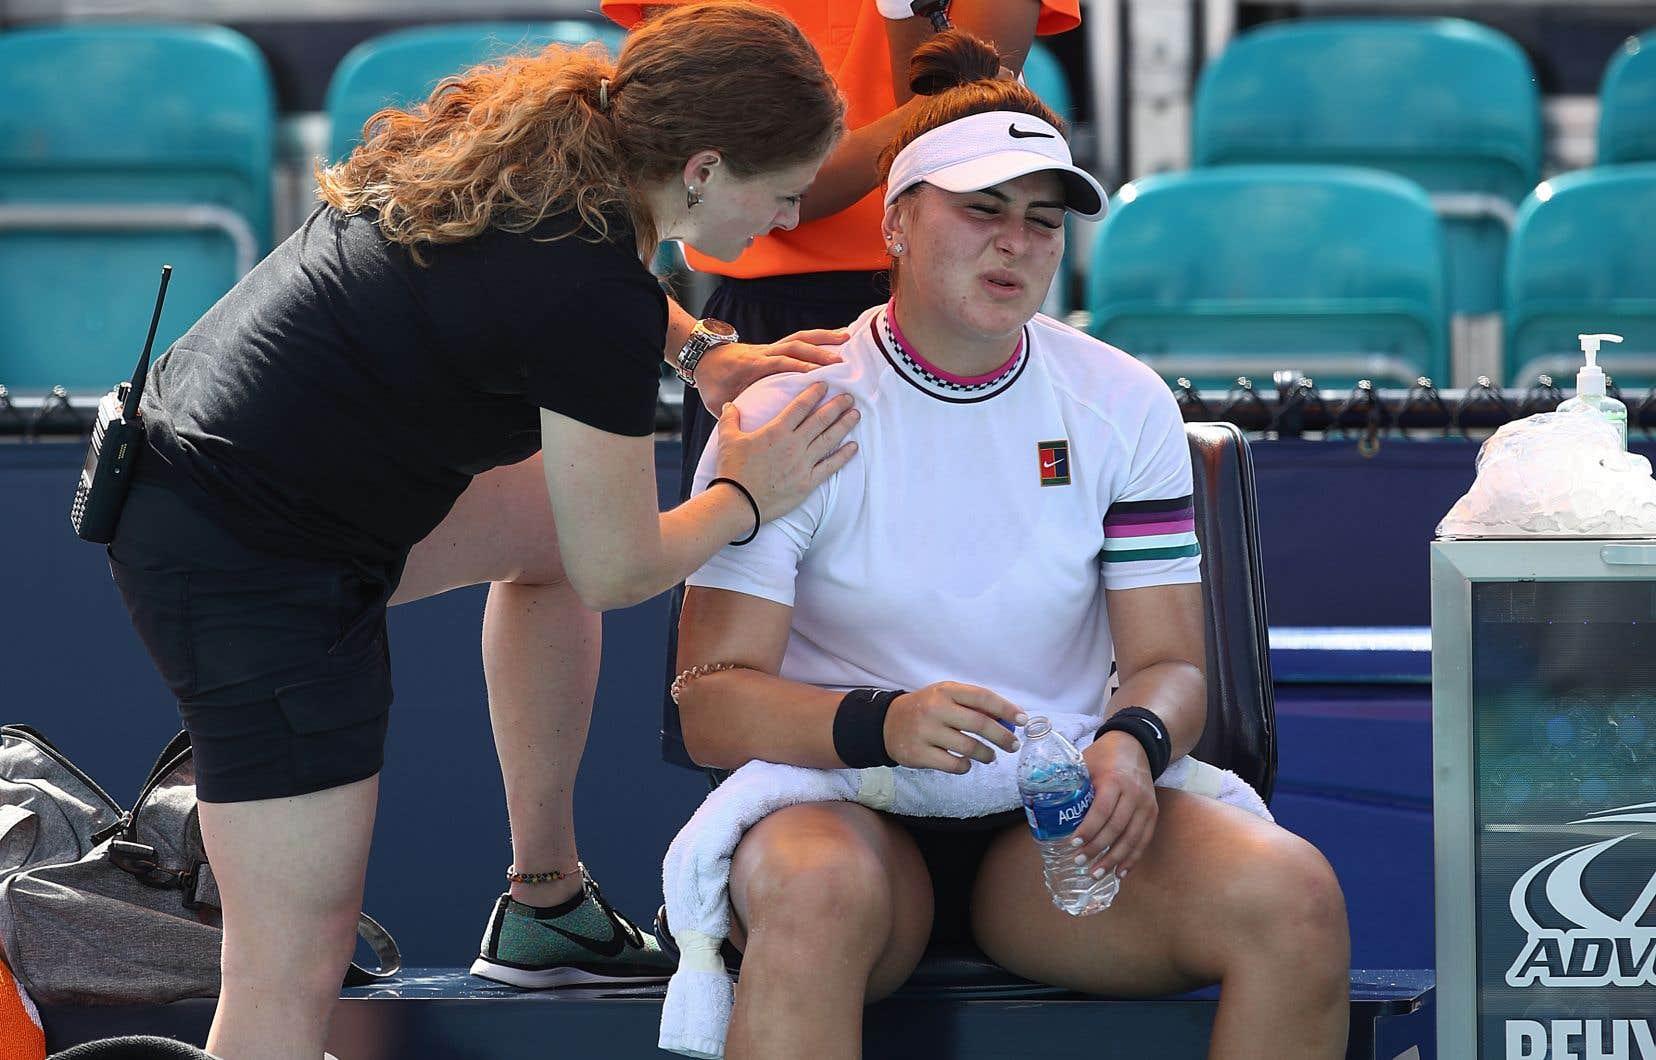 Andreescu avait également attiré l'attention sur elle plus tôt dans le tournoi, après une altercation avec l'Allemande Angelique Kerber.